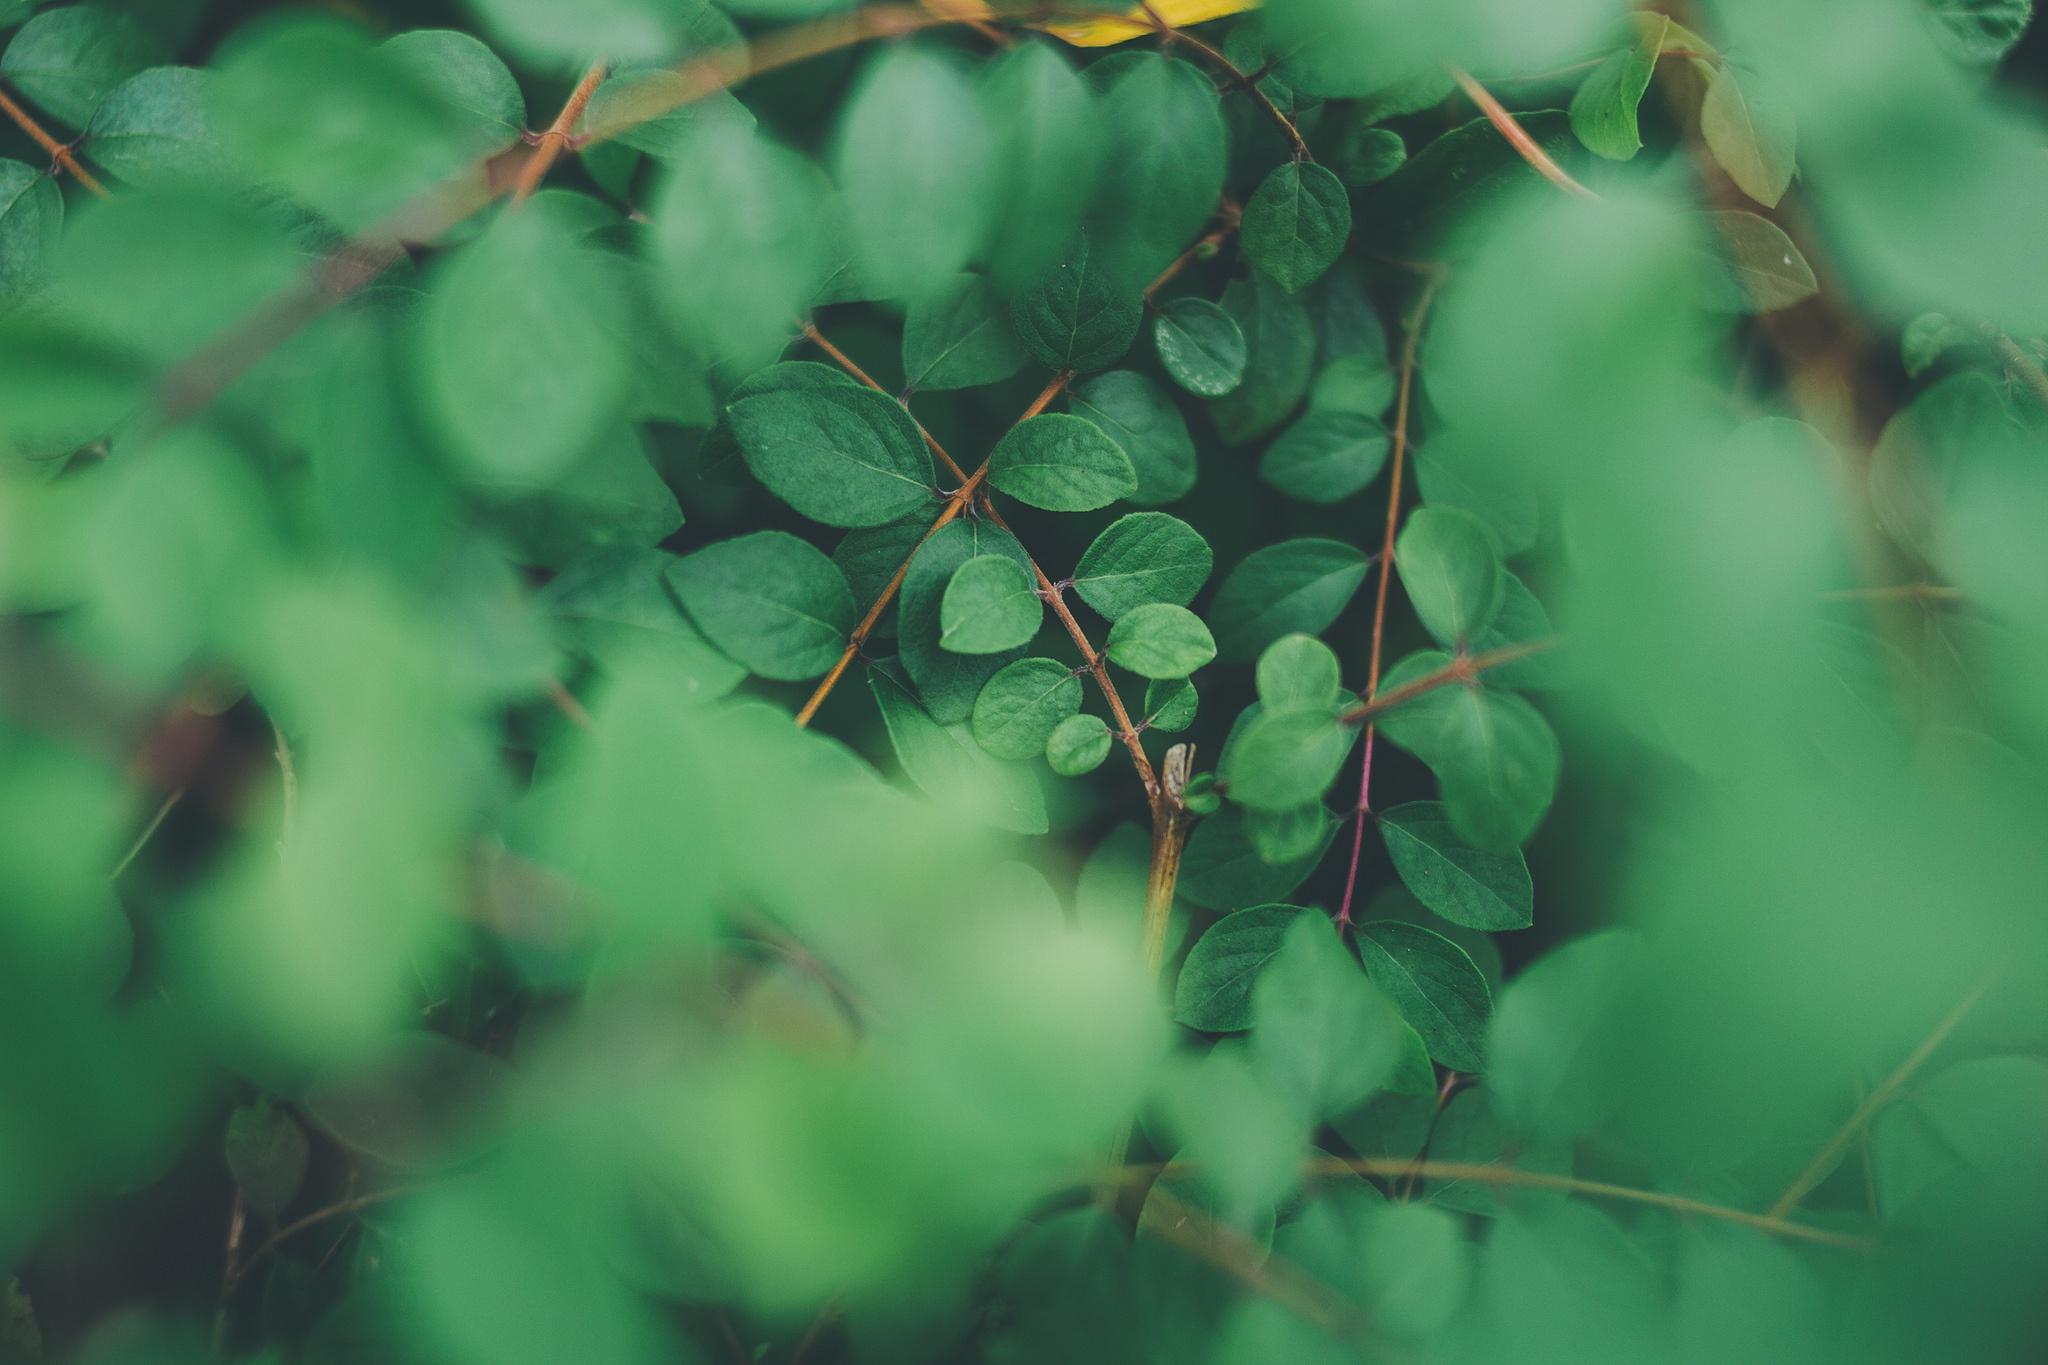 природа ветка листья nature branch leaves  № 2322 бесплатно